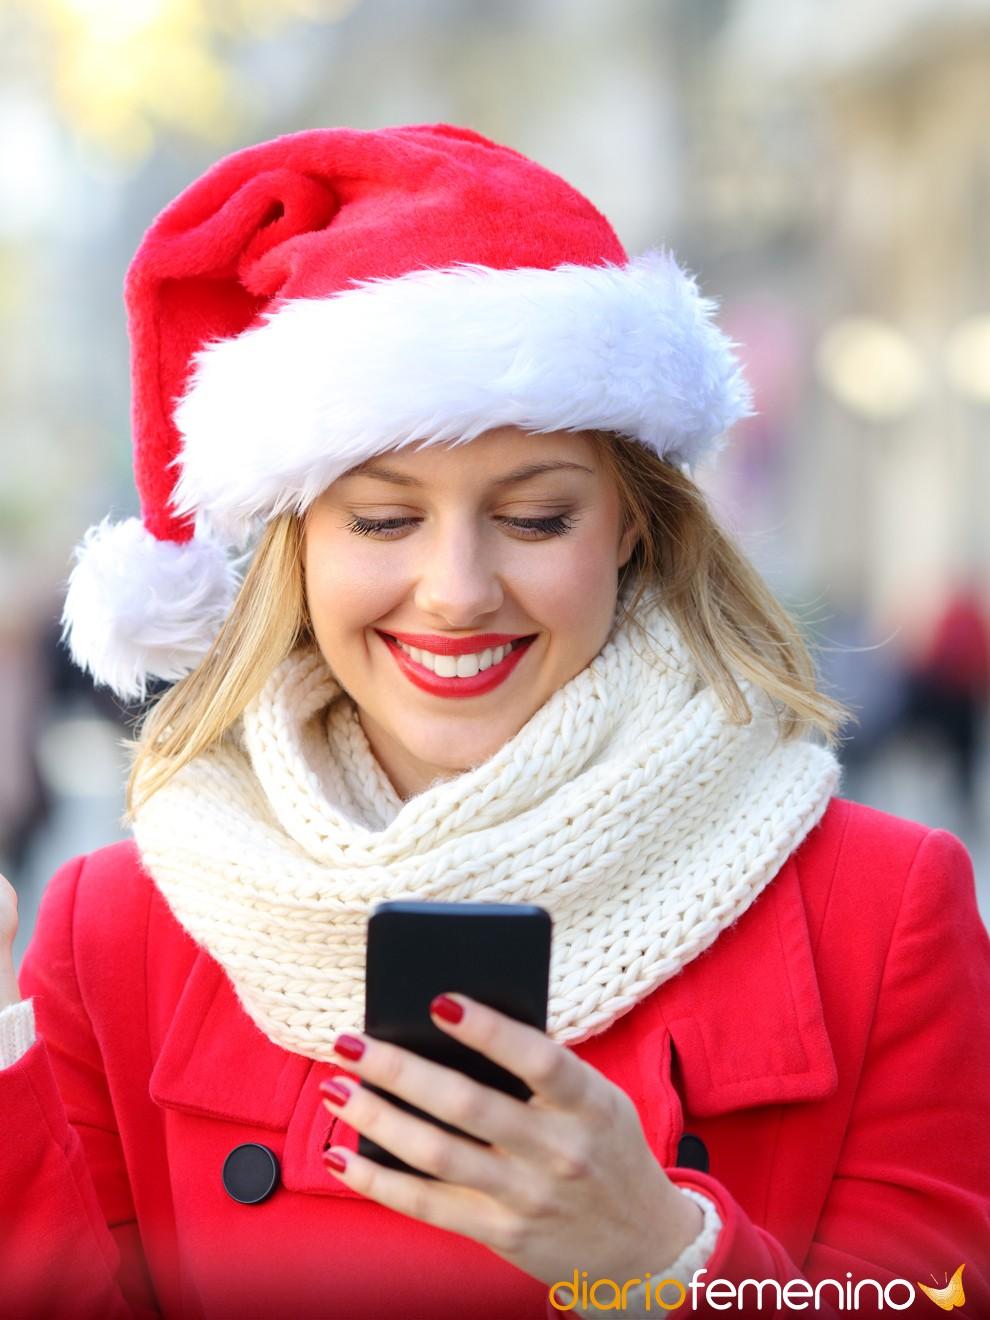 Fotos De Hombres Felicitando La Navidad.Mensajes Para Enviar En Nochebuena Felicitaciones De Navidad